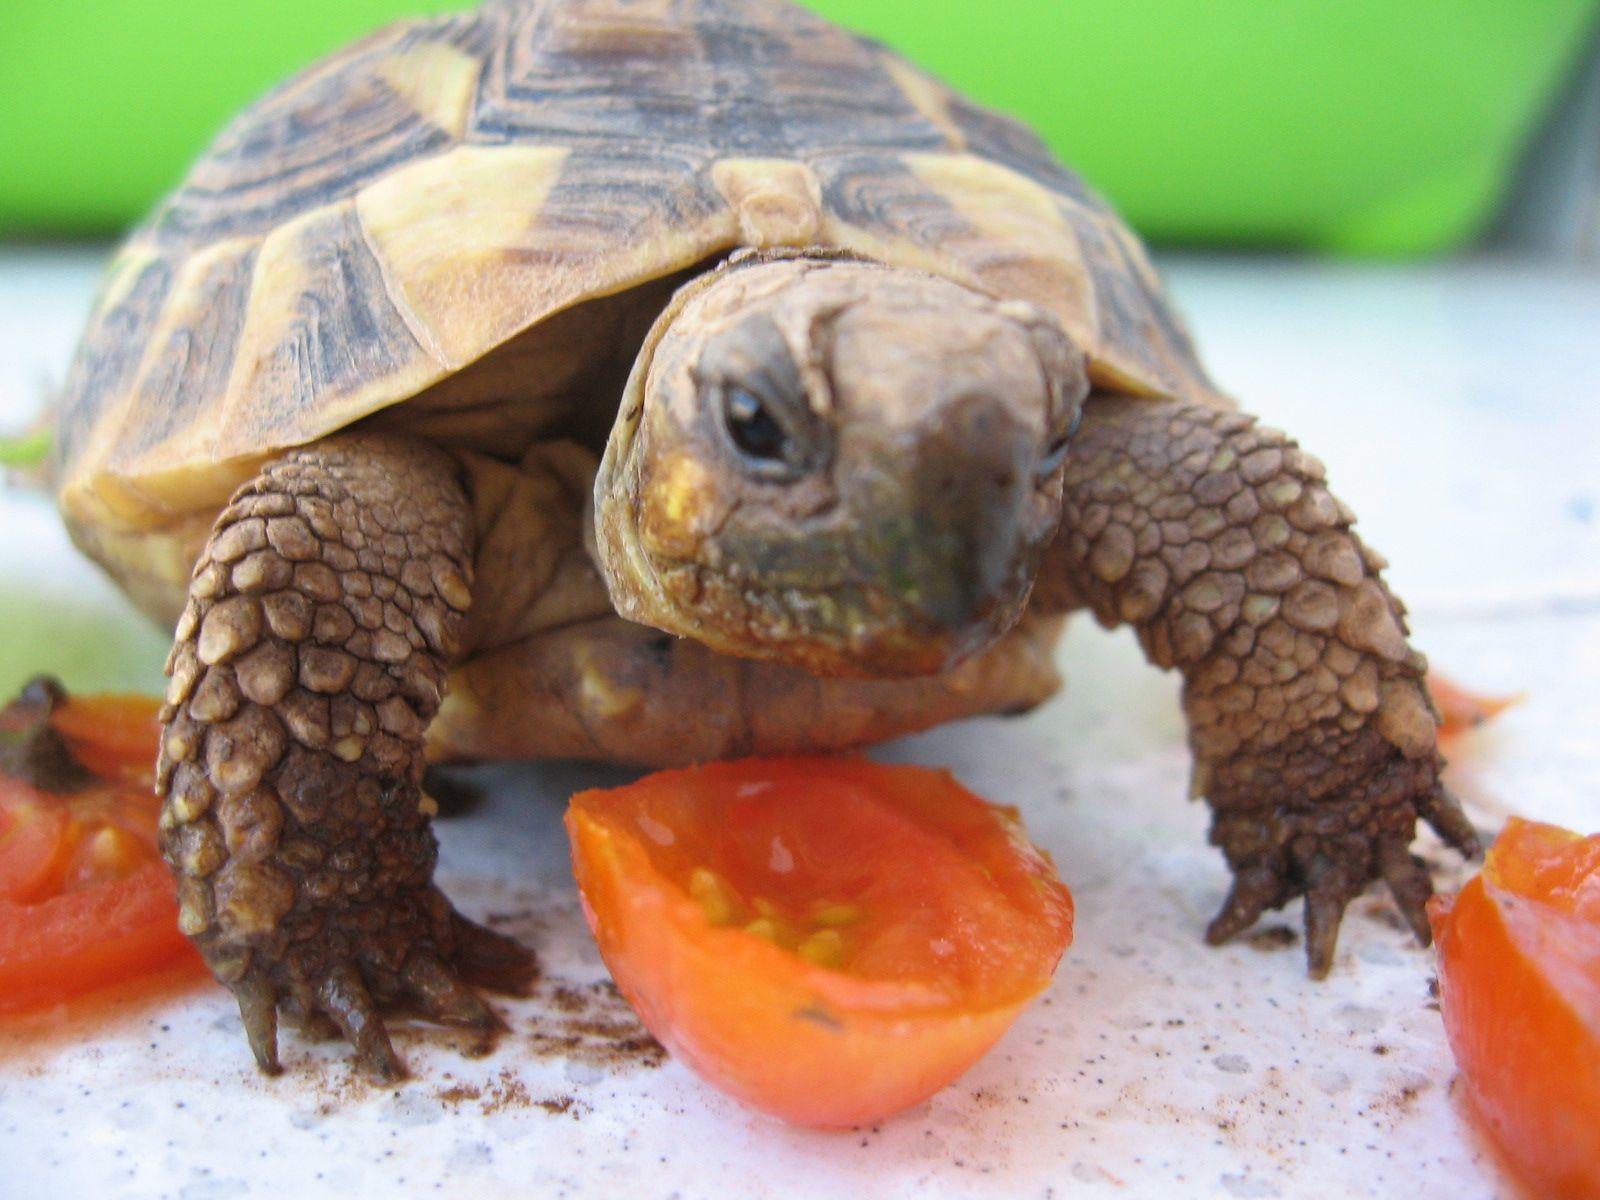 My turtle Rughina